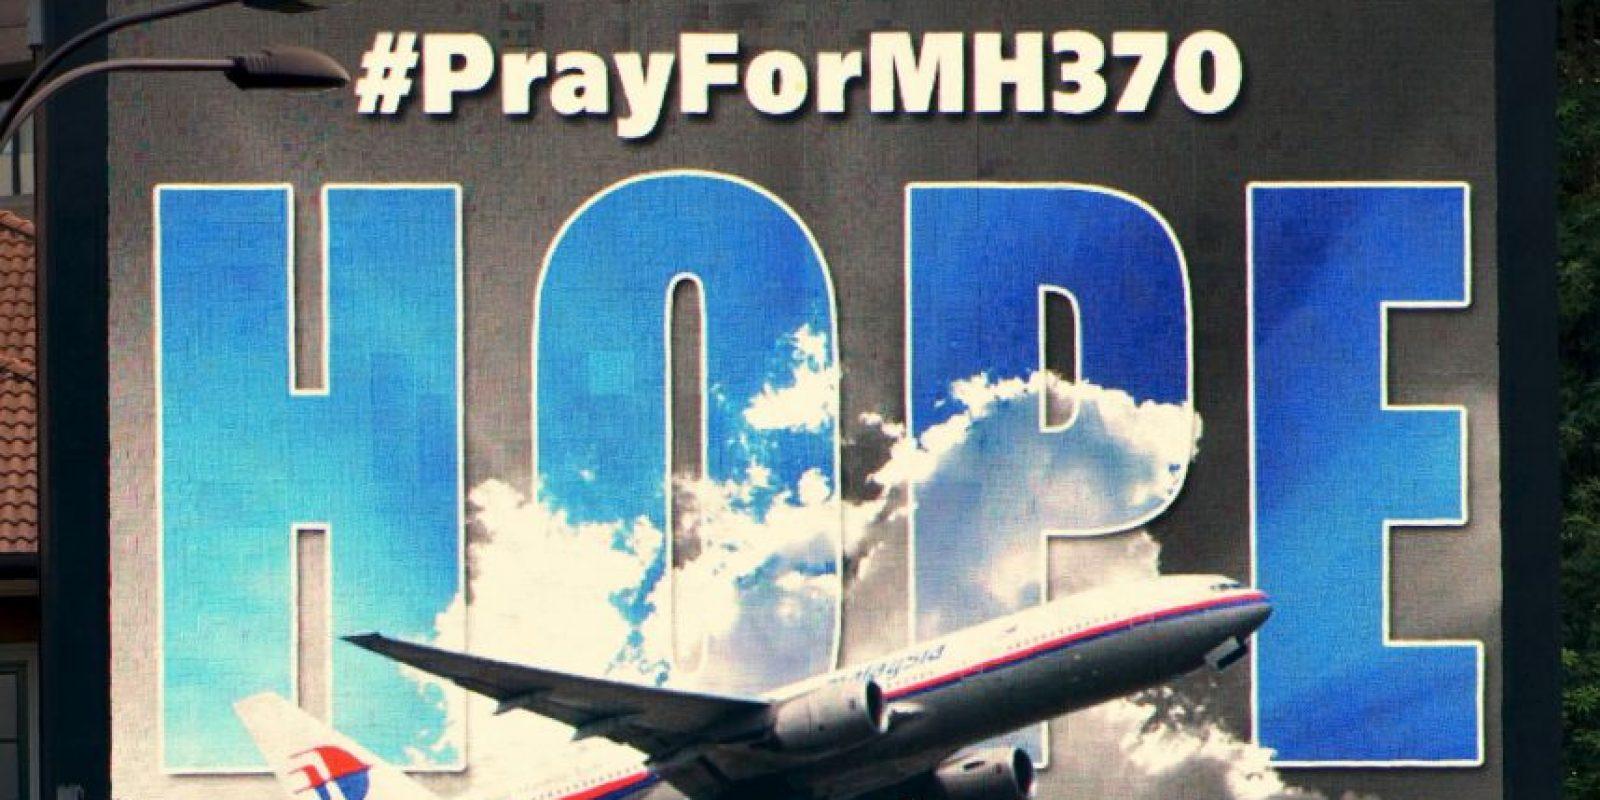 Usuarios de redes sociales crearon el hashtag #PrayForMH370 Foto:Getty Images